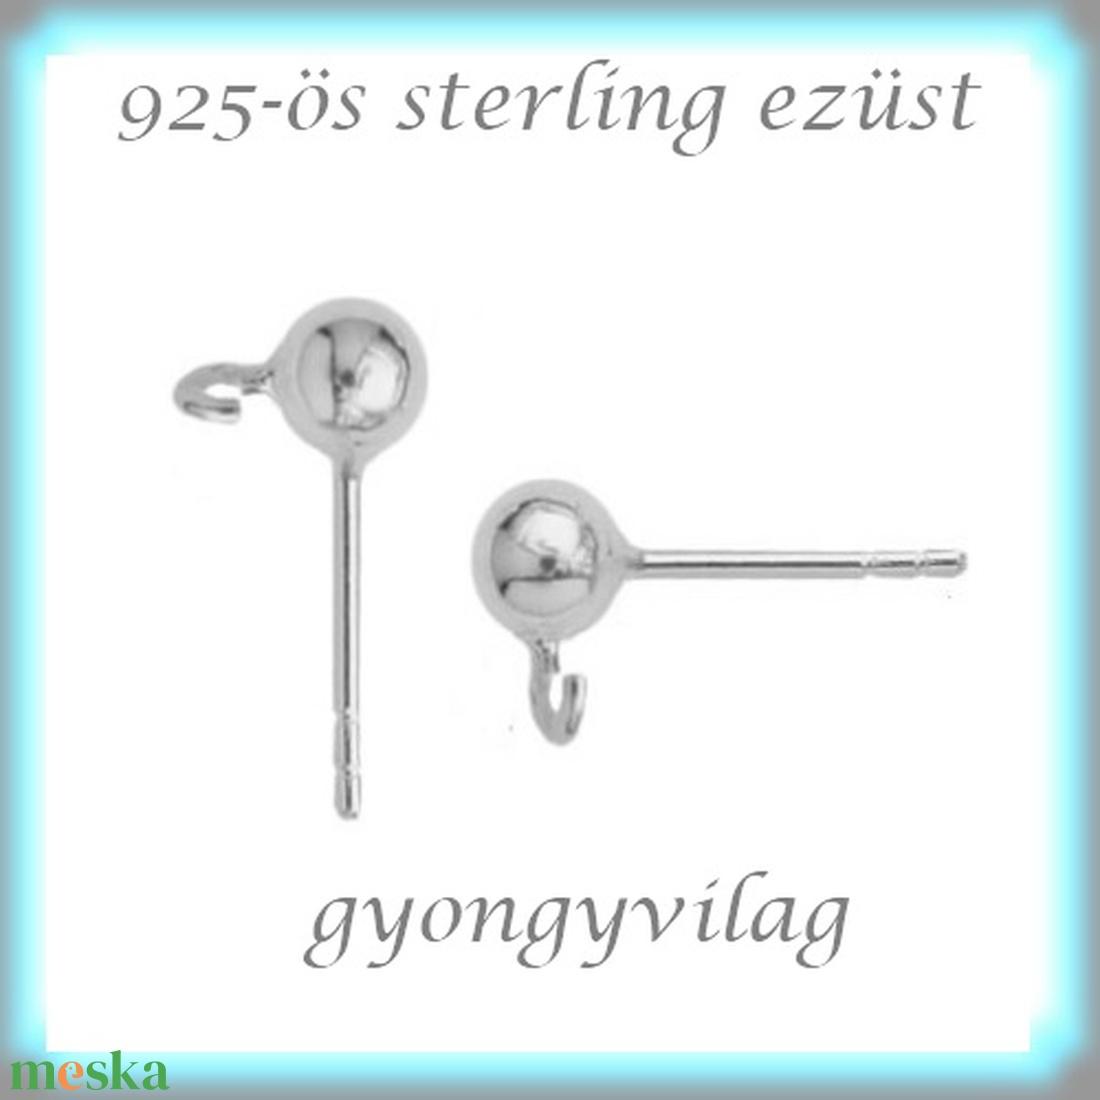 925-ös ezüst fülbevaló kapocs EFK B 01-3 - gyöngy, ékszerkellék - egyéb alkatrész - Meska.hu